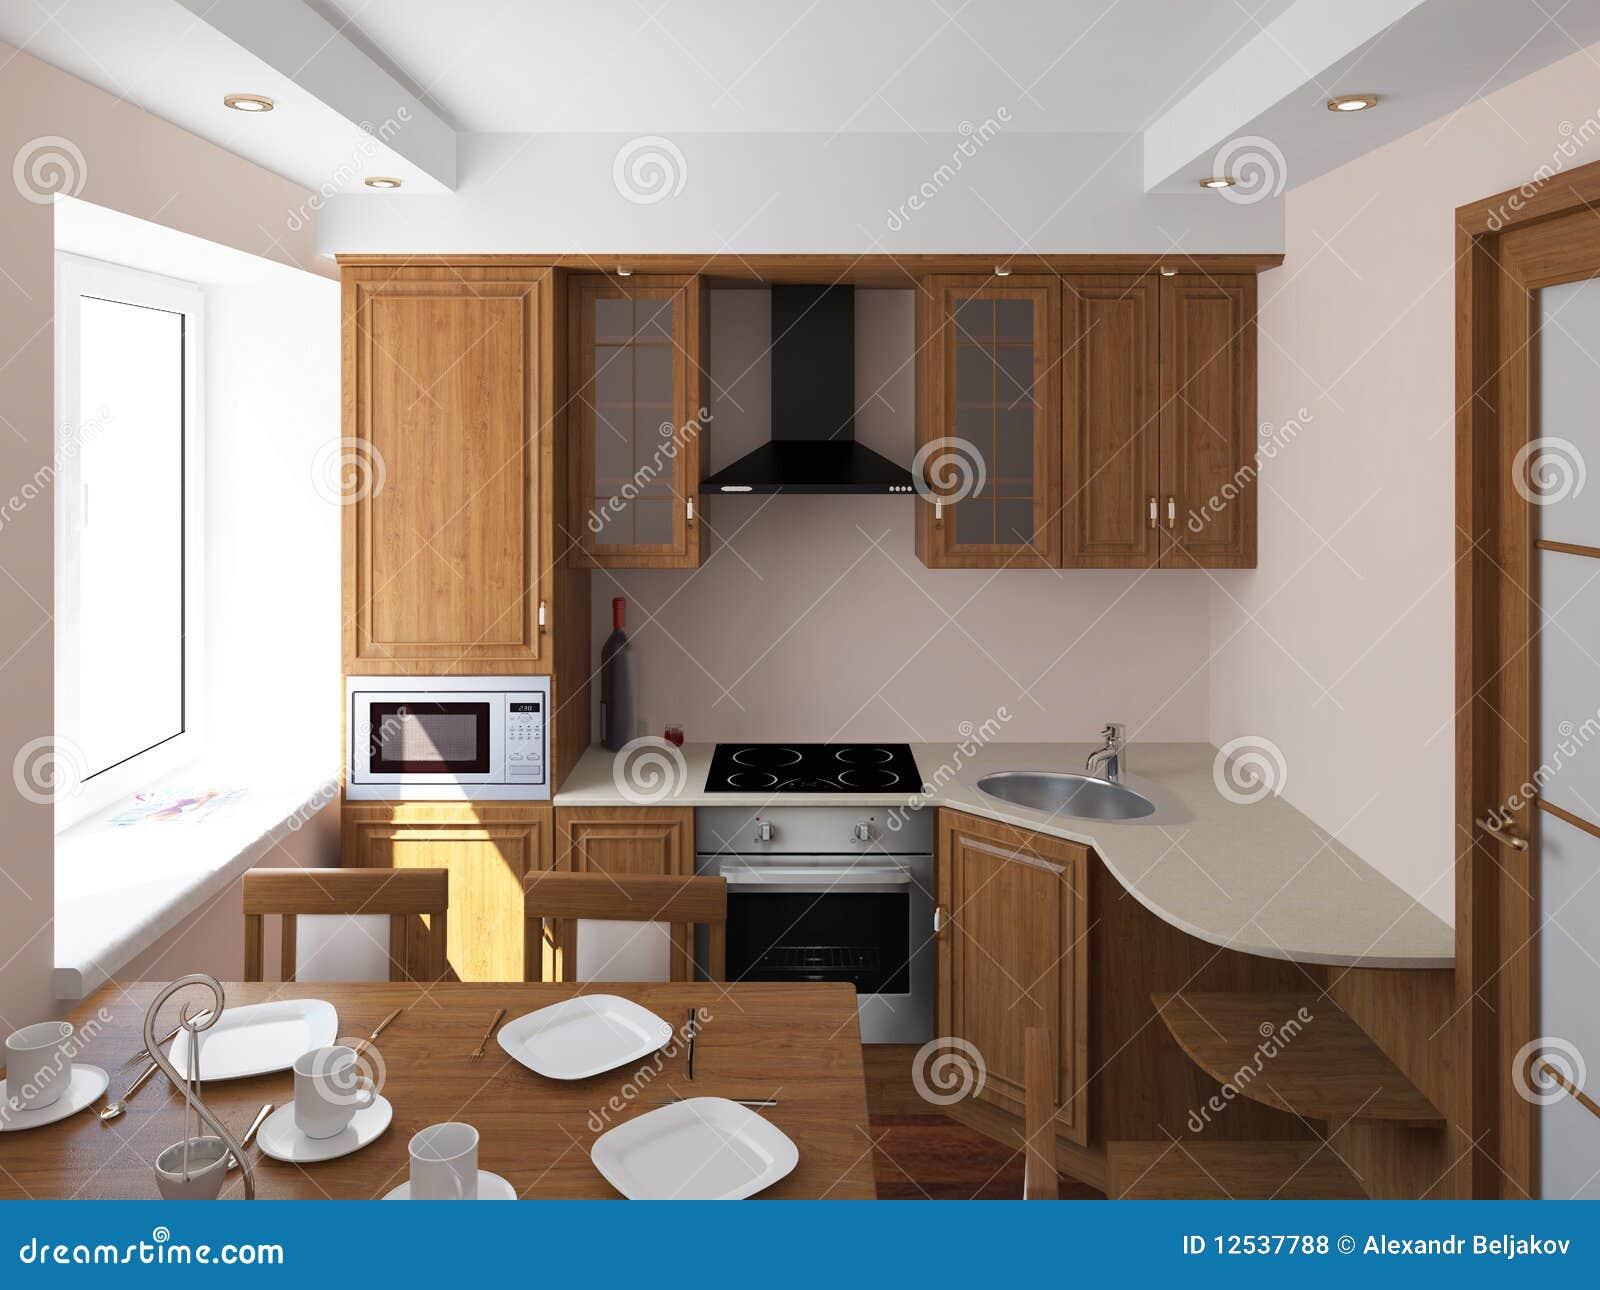 einfache küche lizenzfreie stockfotos - bild: 12537788